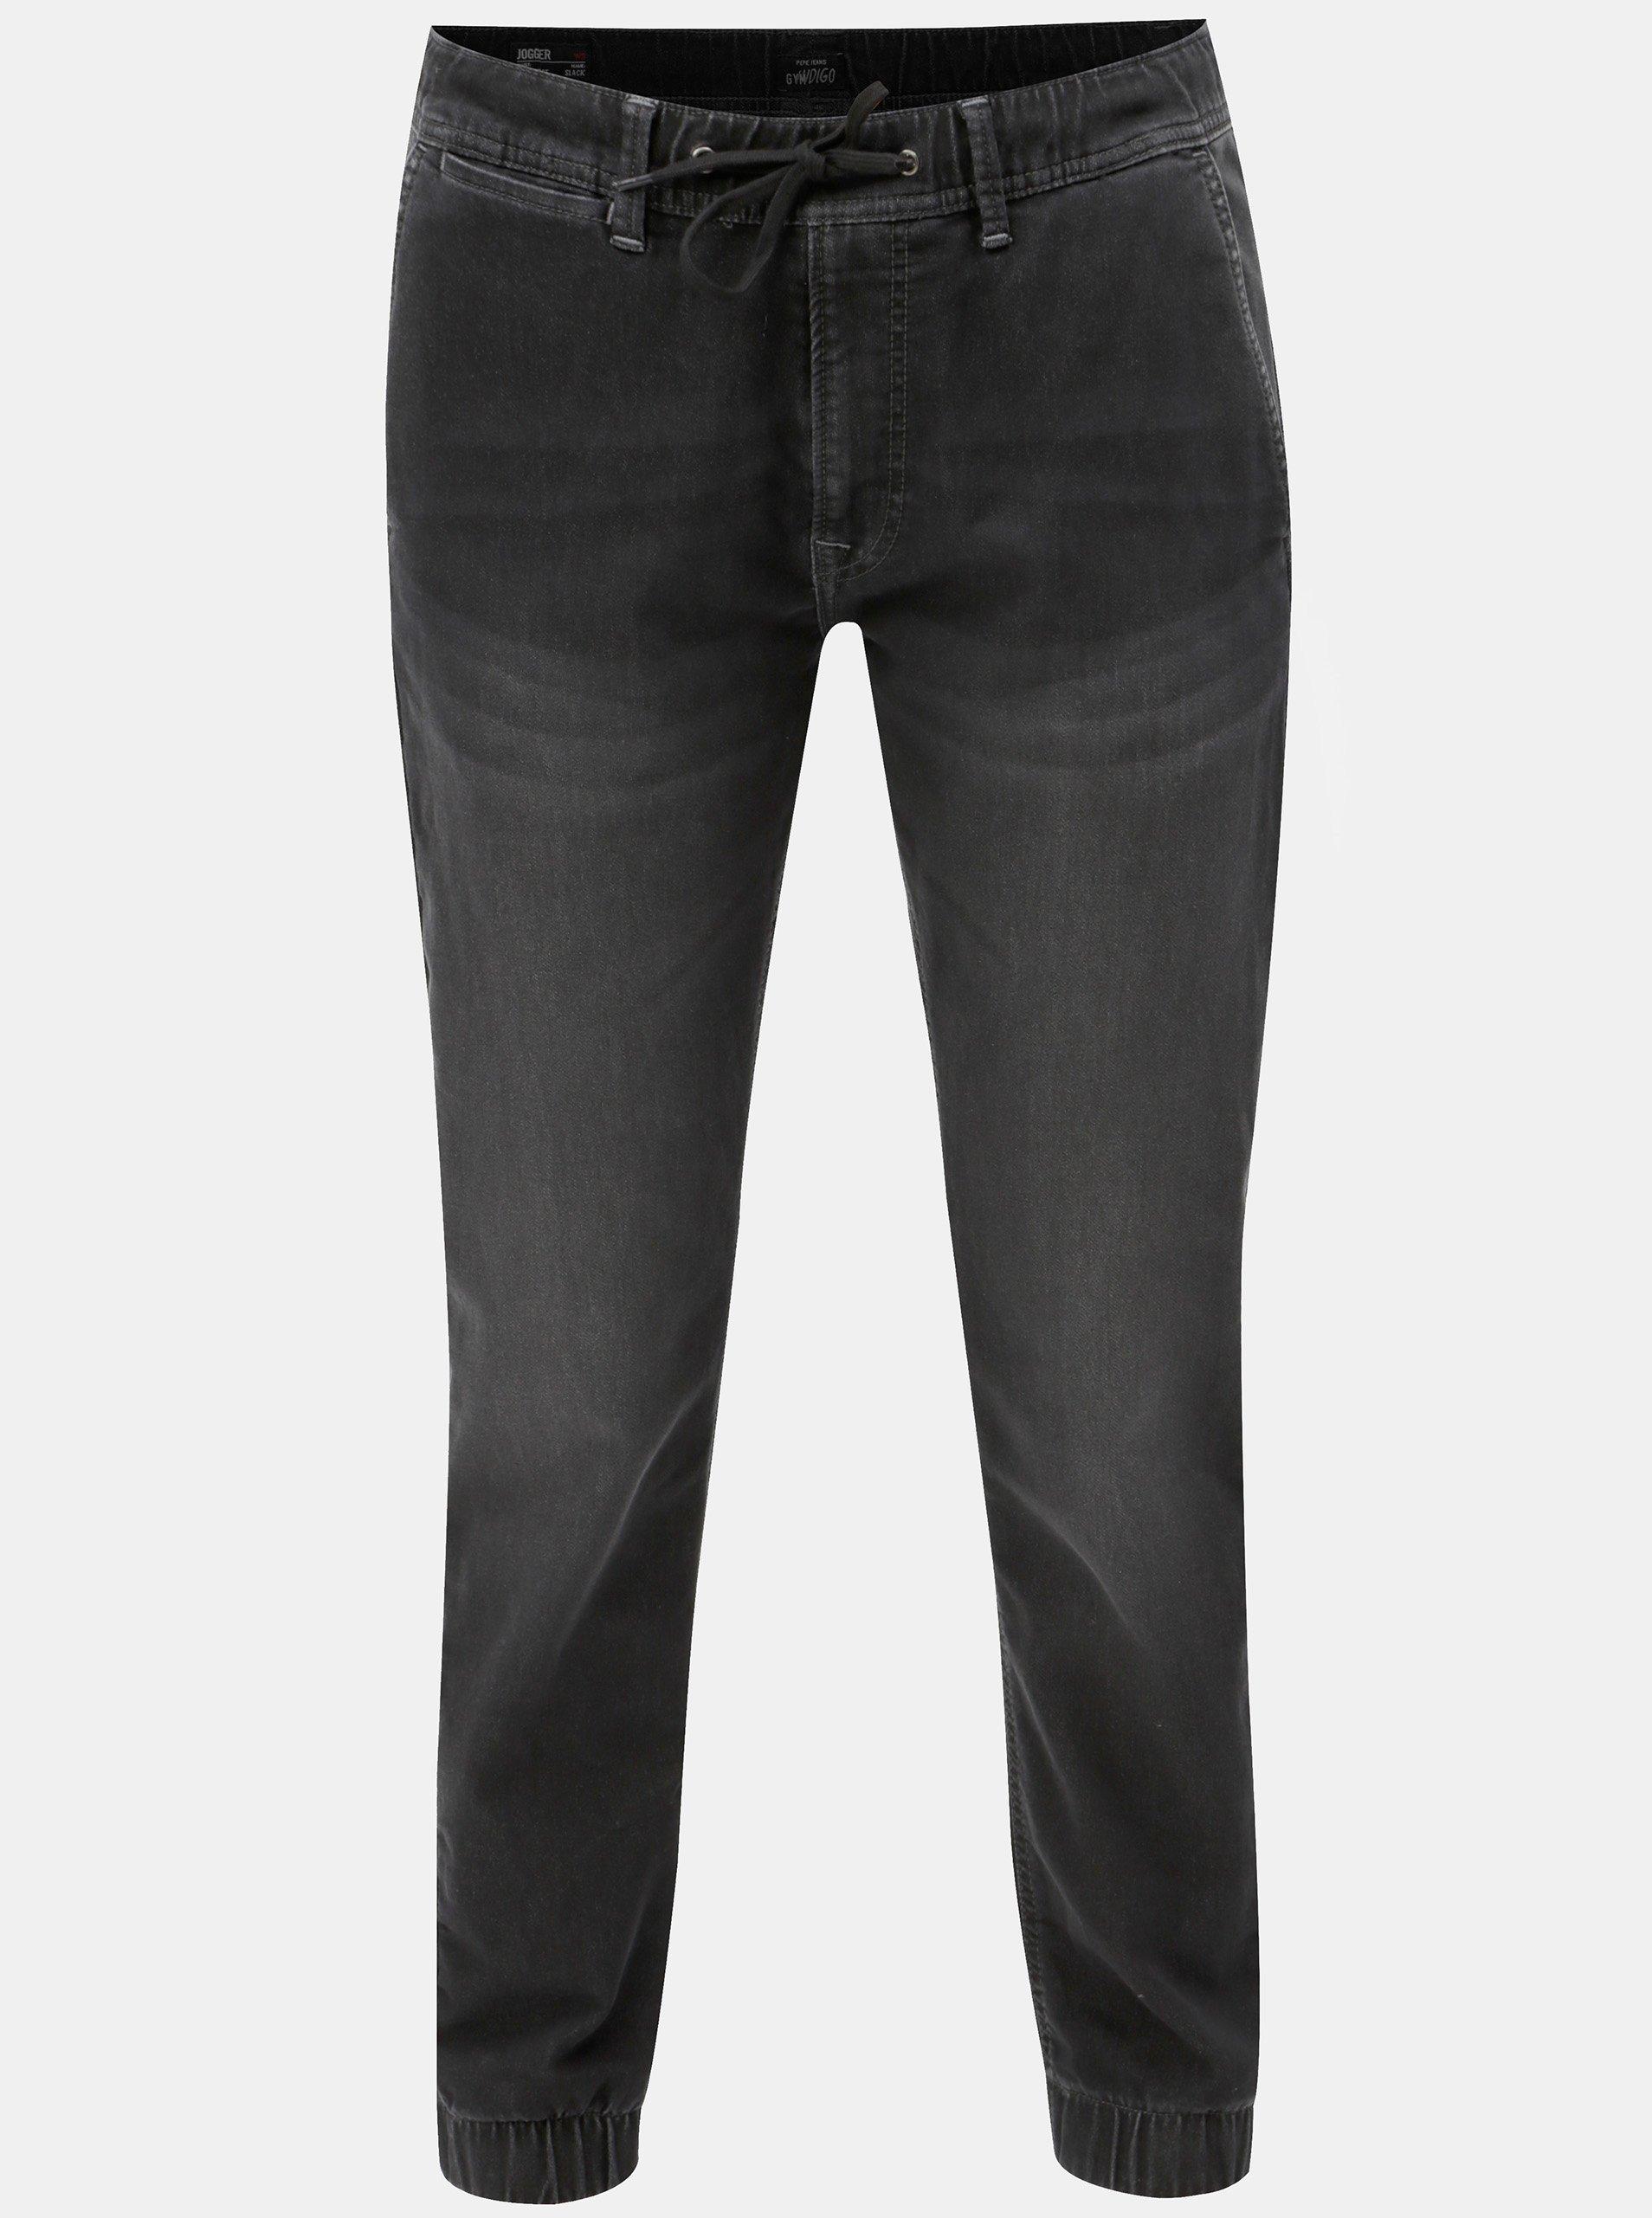 82b29ac4bc36 Čierne pánske nohavice s elastickým pásom Pepe Jeans